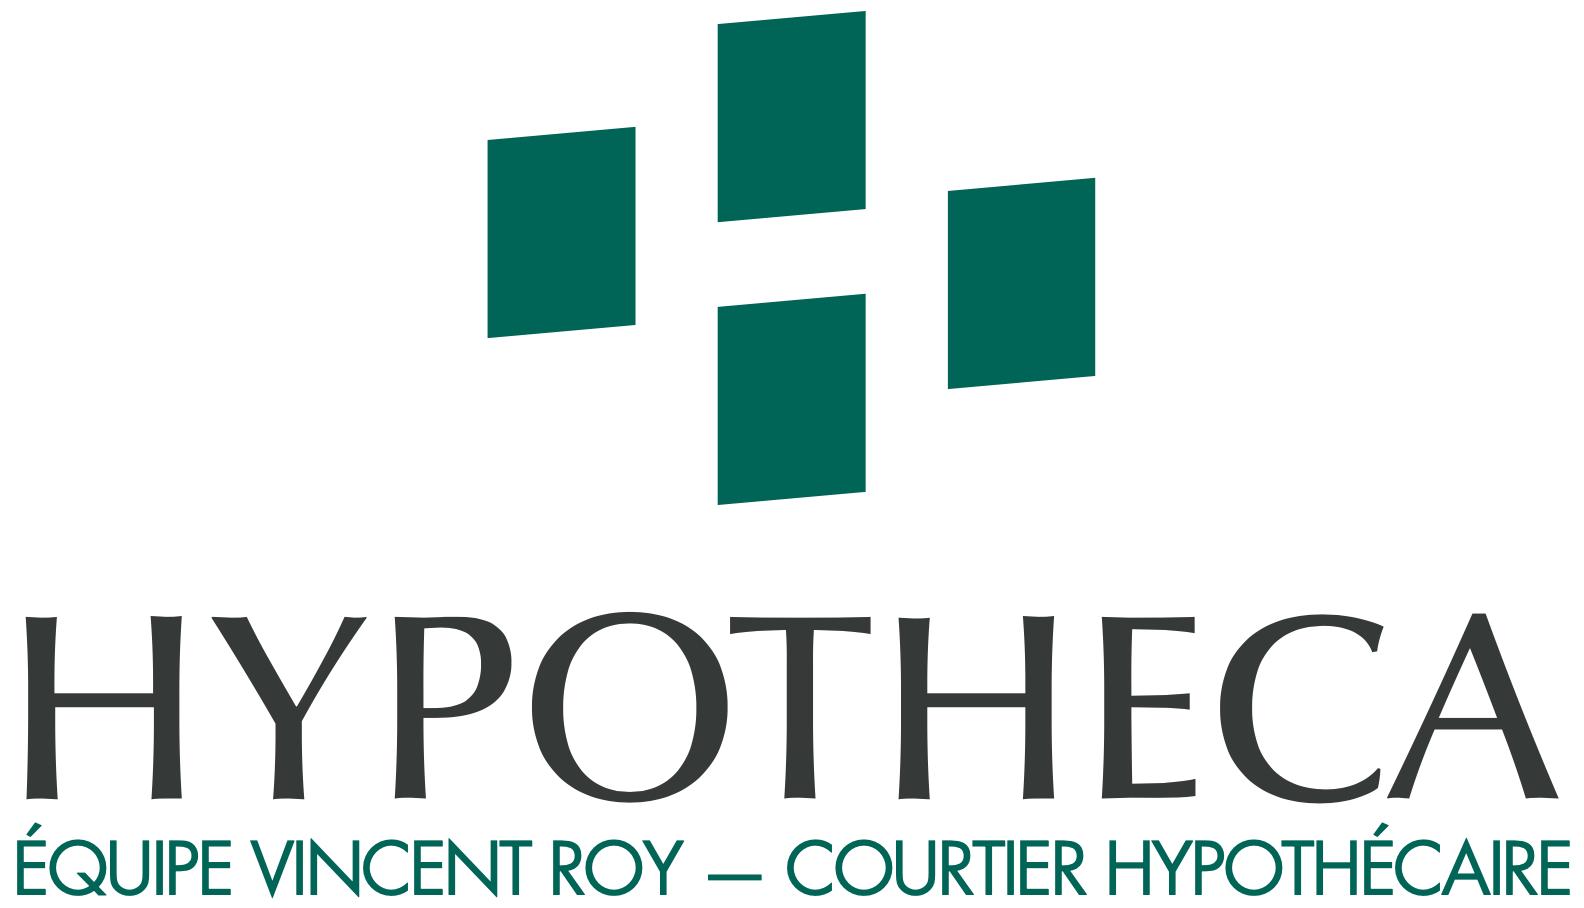 HYPOTHECA – Équipe Vincent Roy